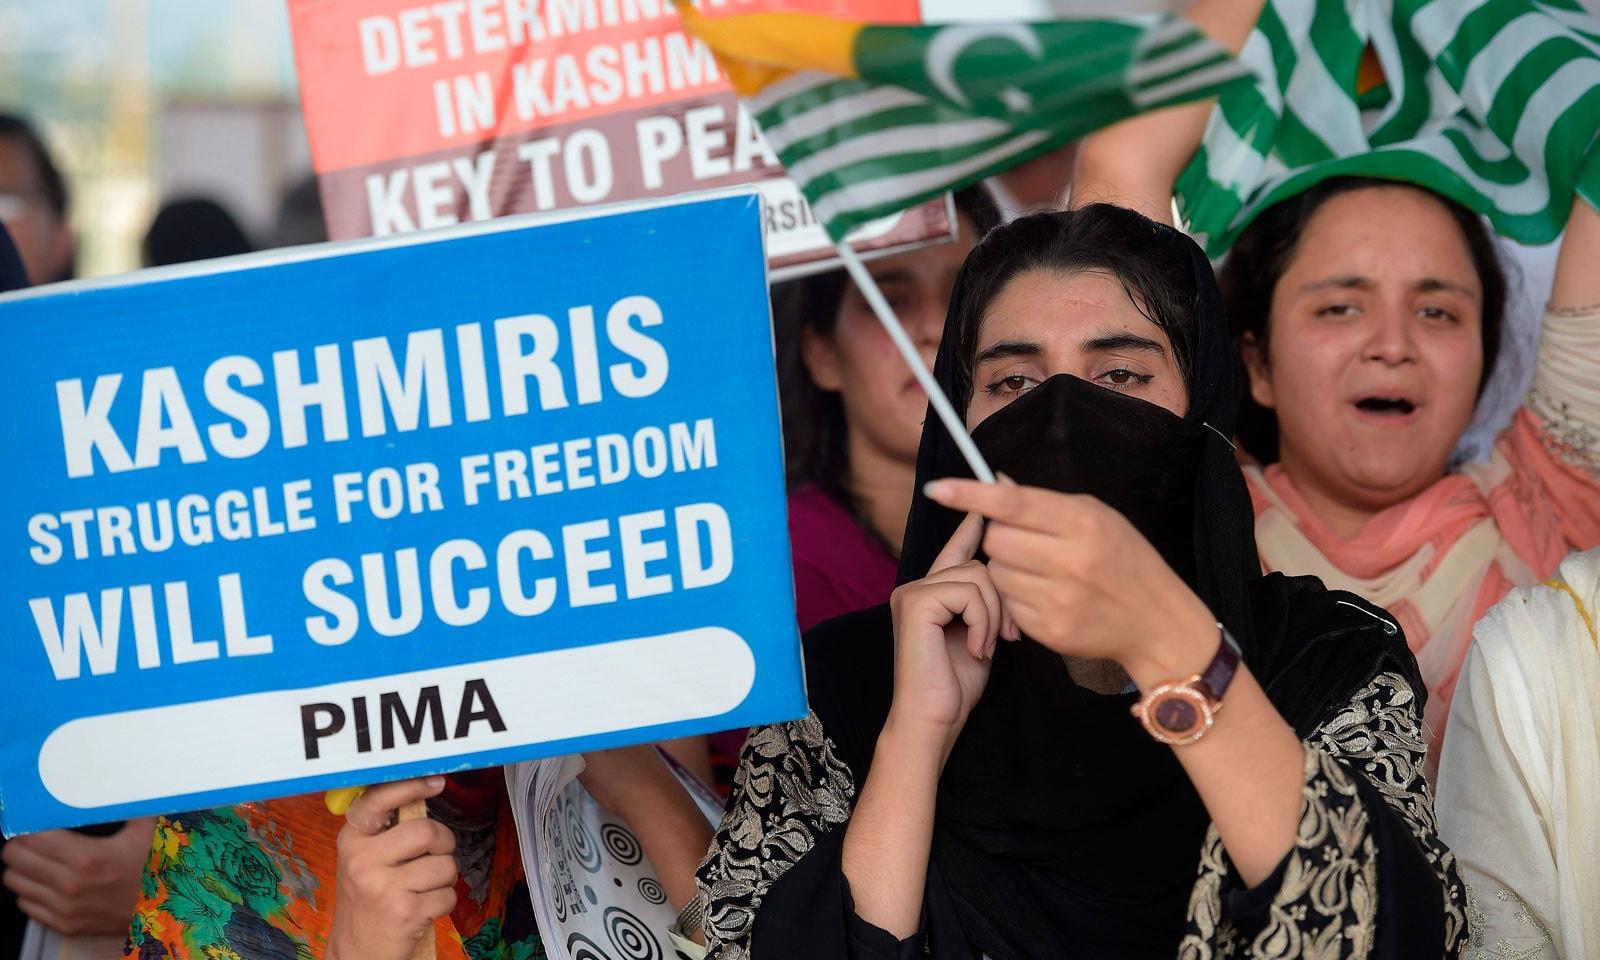 اسلام آباد میں ڈاکٹروں اور پیرامیڈیکل اسٹاف نے  کشمیریوں سے اظہار یکجہتی کیا  — فوٹو: اے ایف پی